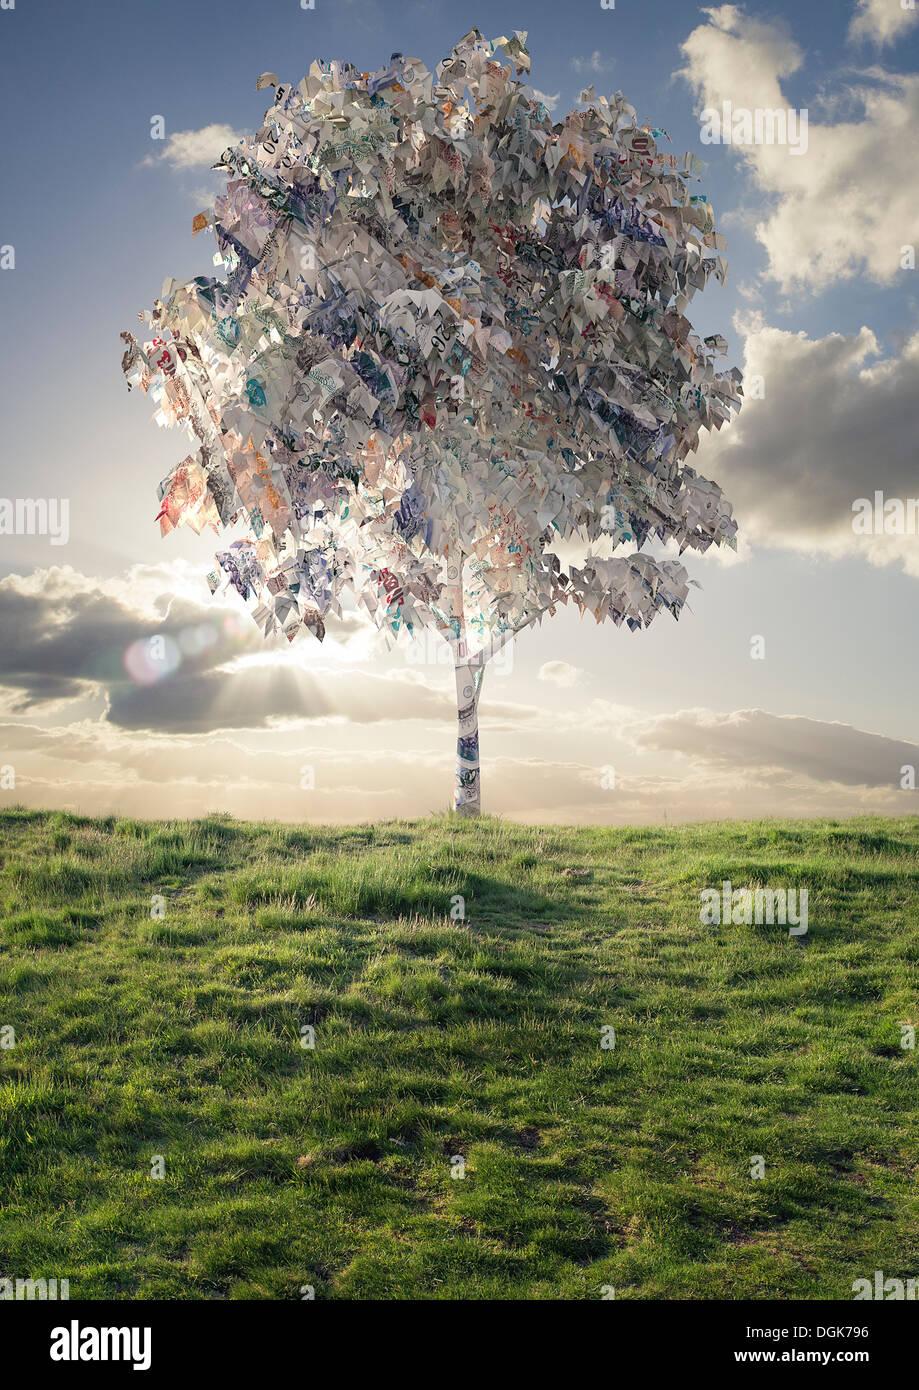 Modell des Baumes mit britischen Banknoten Laub Stockbild